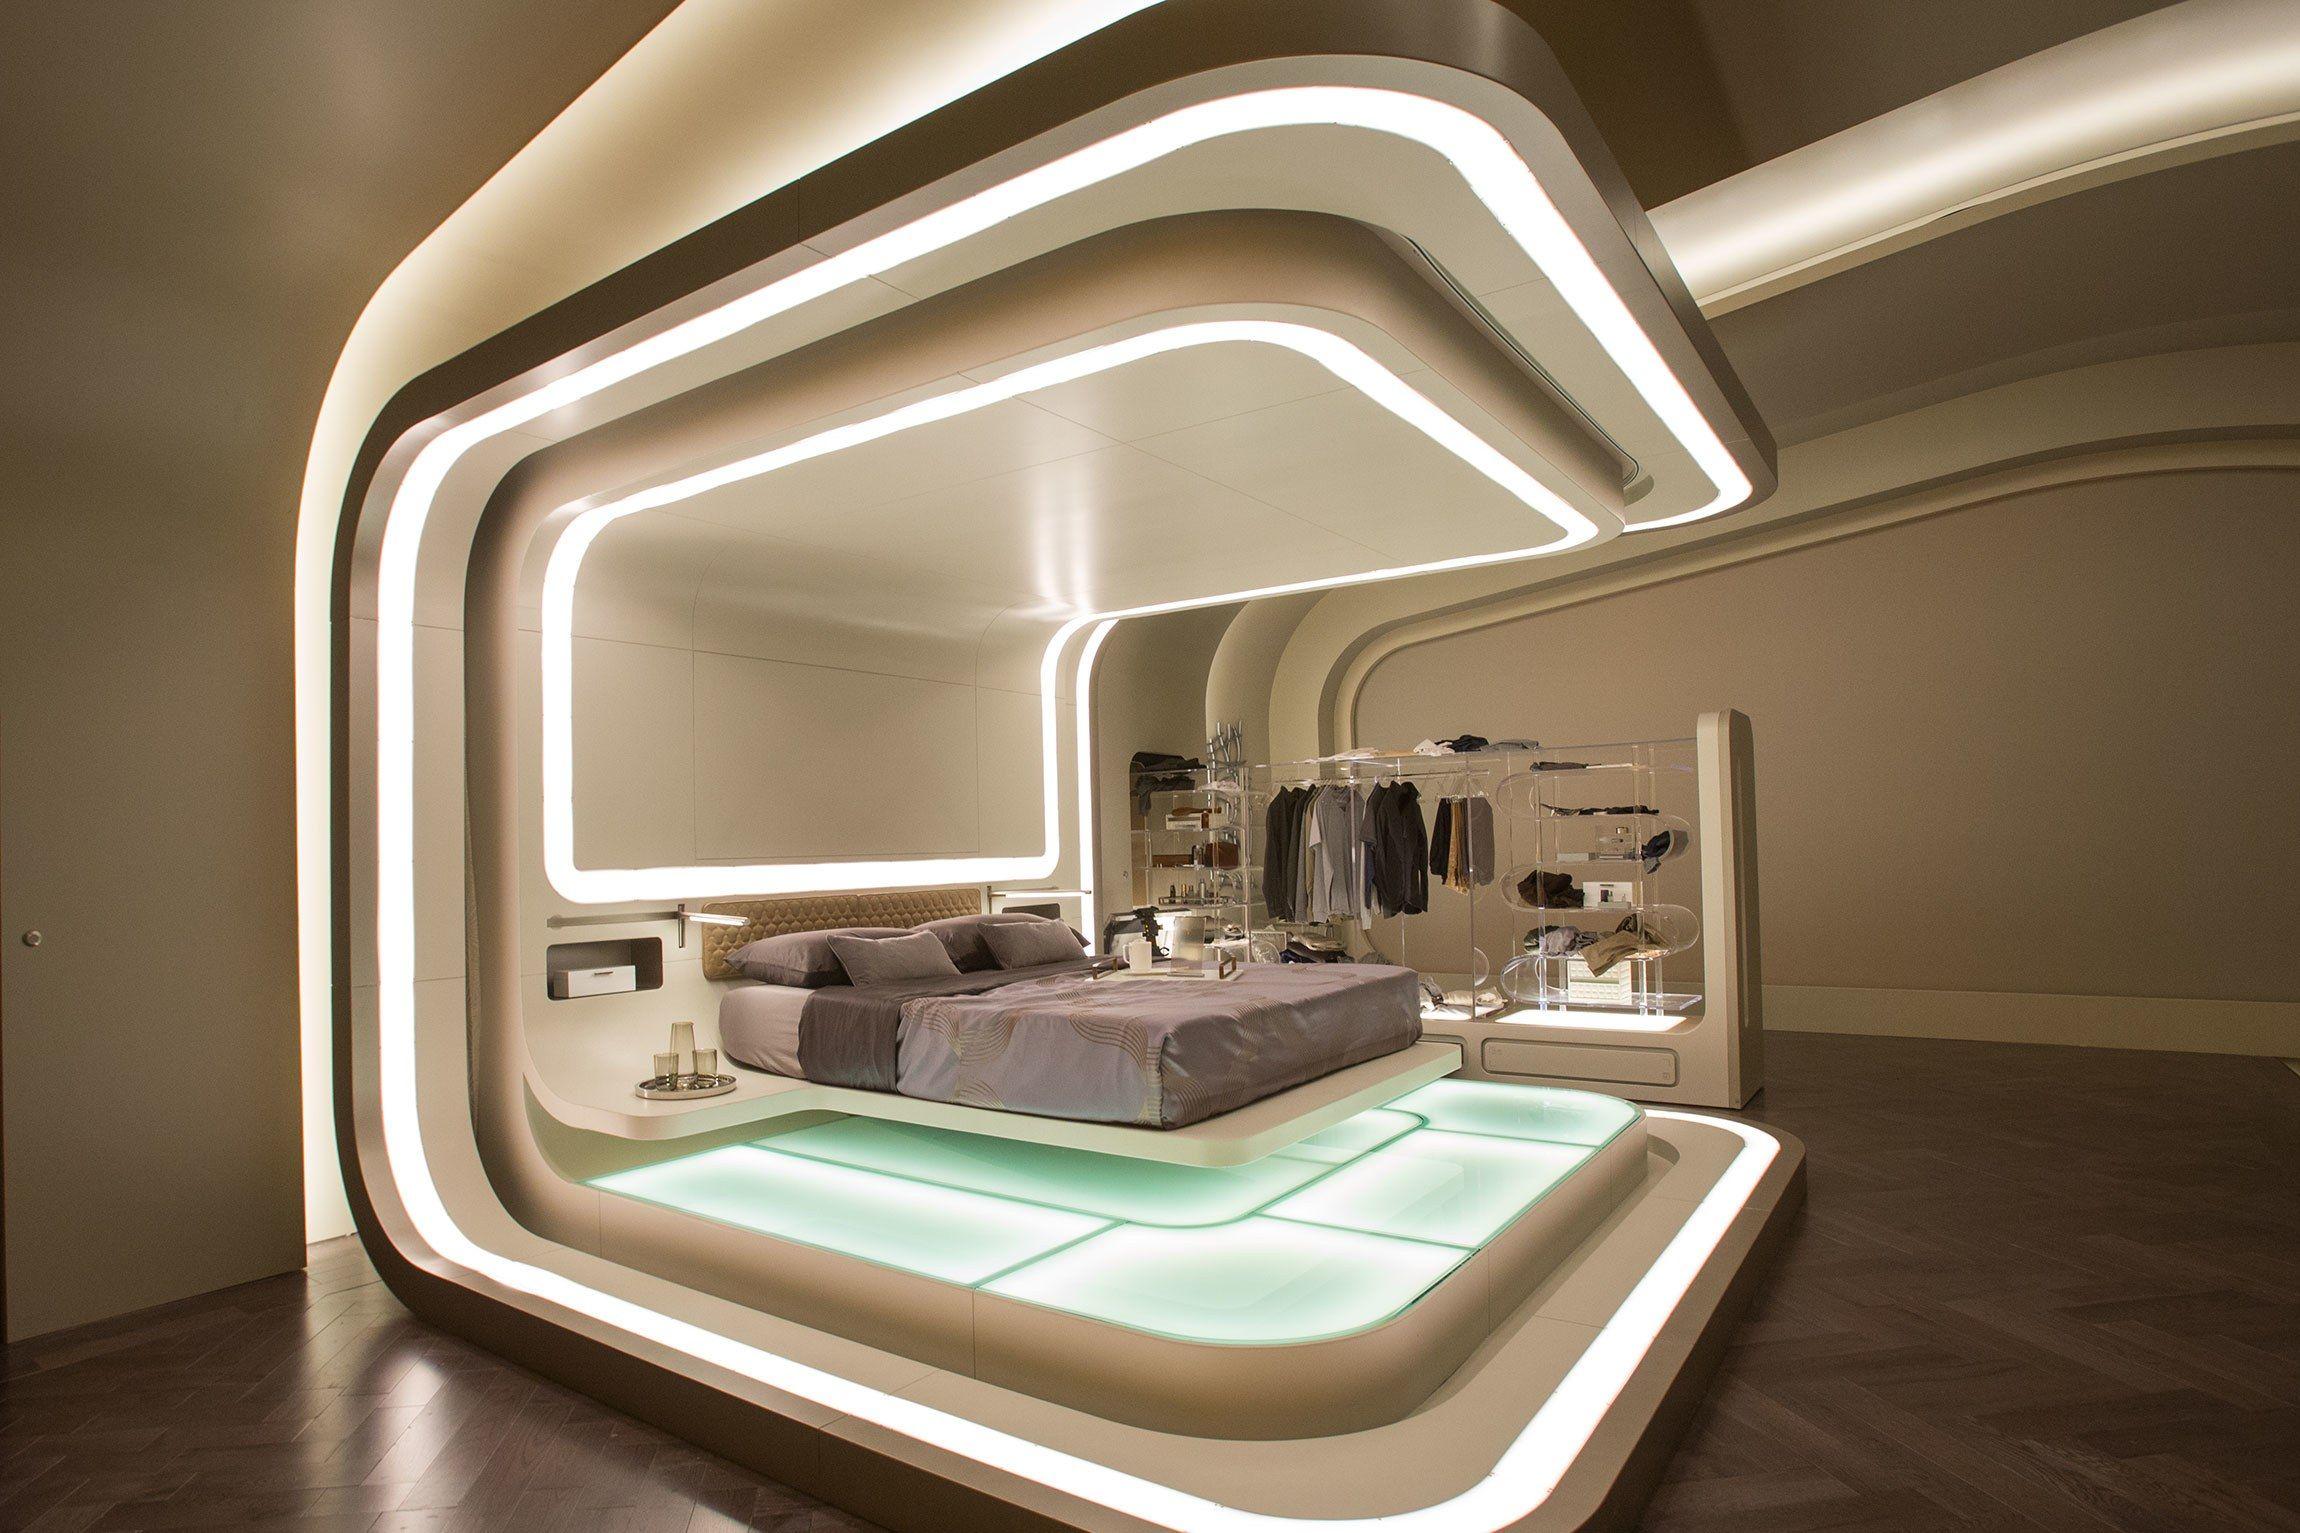 Schlafzimmer Einrichtung · Moderne Einrichtung · Passengers Set Design  Photos | Architectural Digest